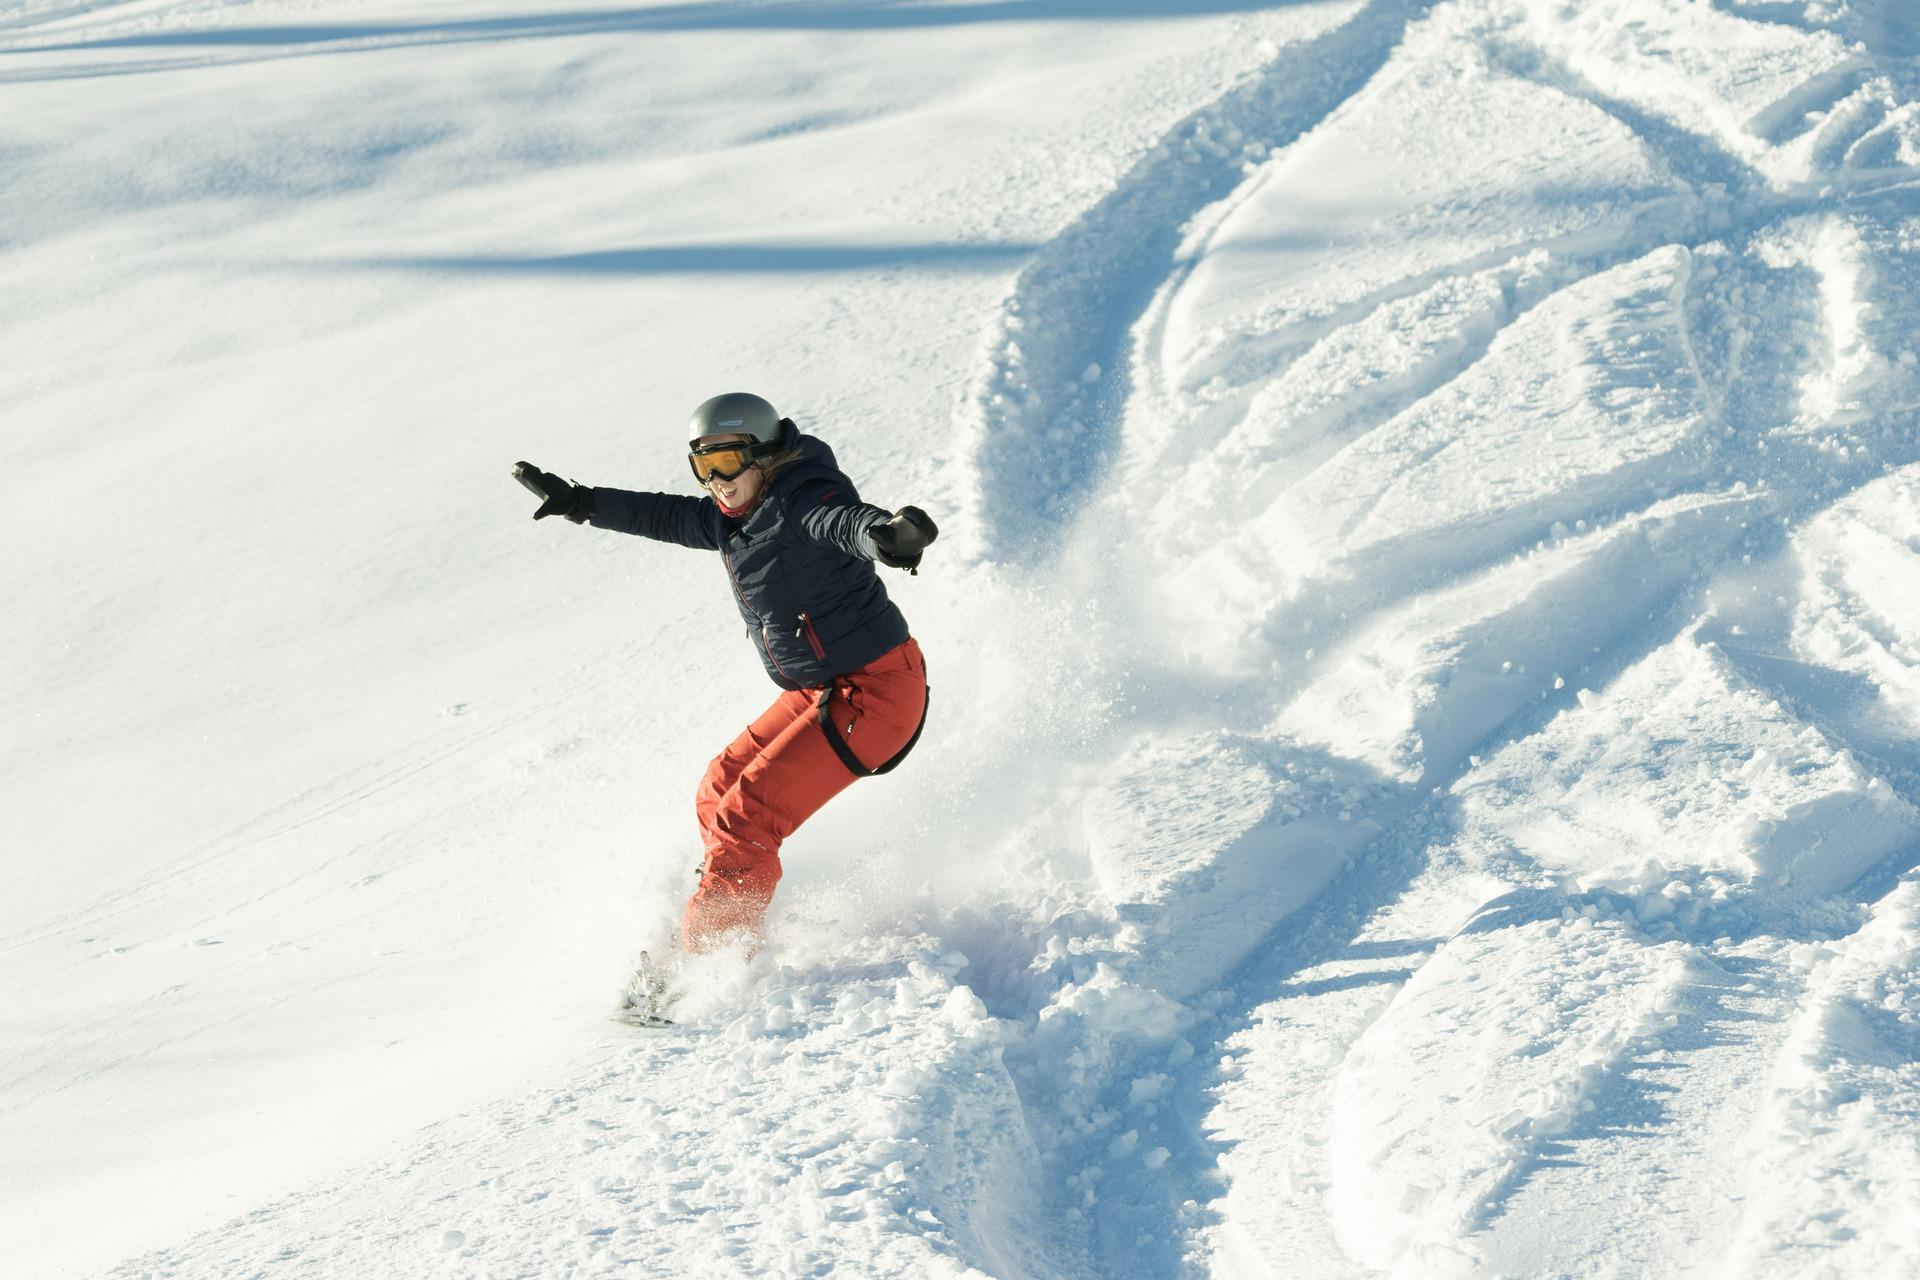 snowboarder-4993873_1920